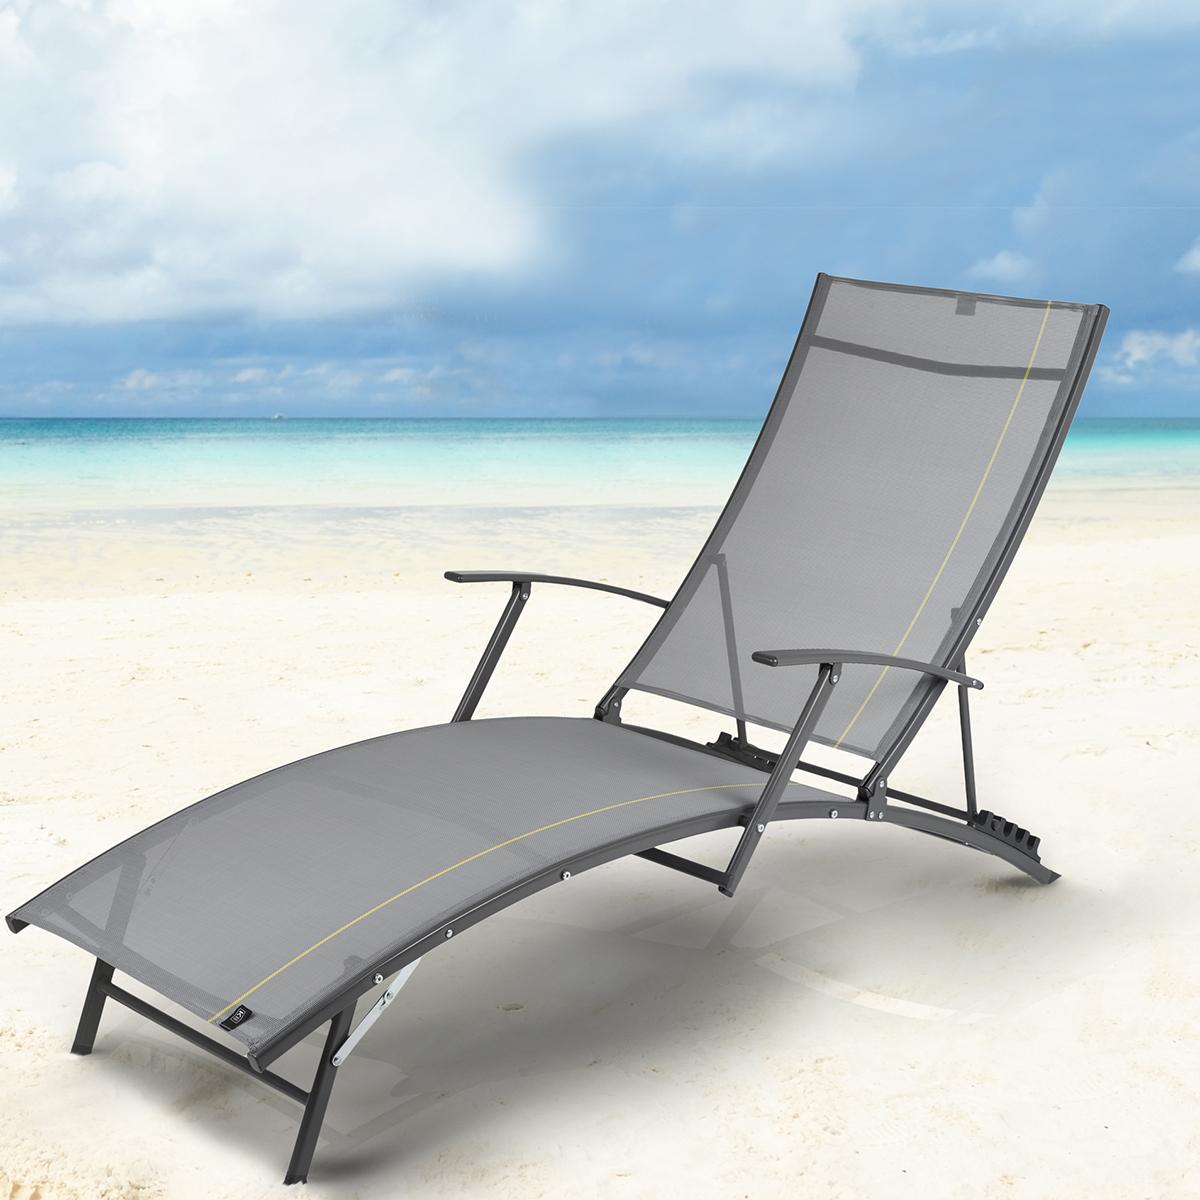 gartenliege sonnenliege freizeitliege relaxliege liegestuhl strandliege neu jawa ebay. Black Bedroom Furniture Sets. Home Design Ideas